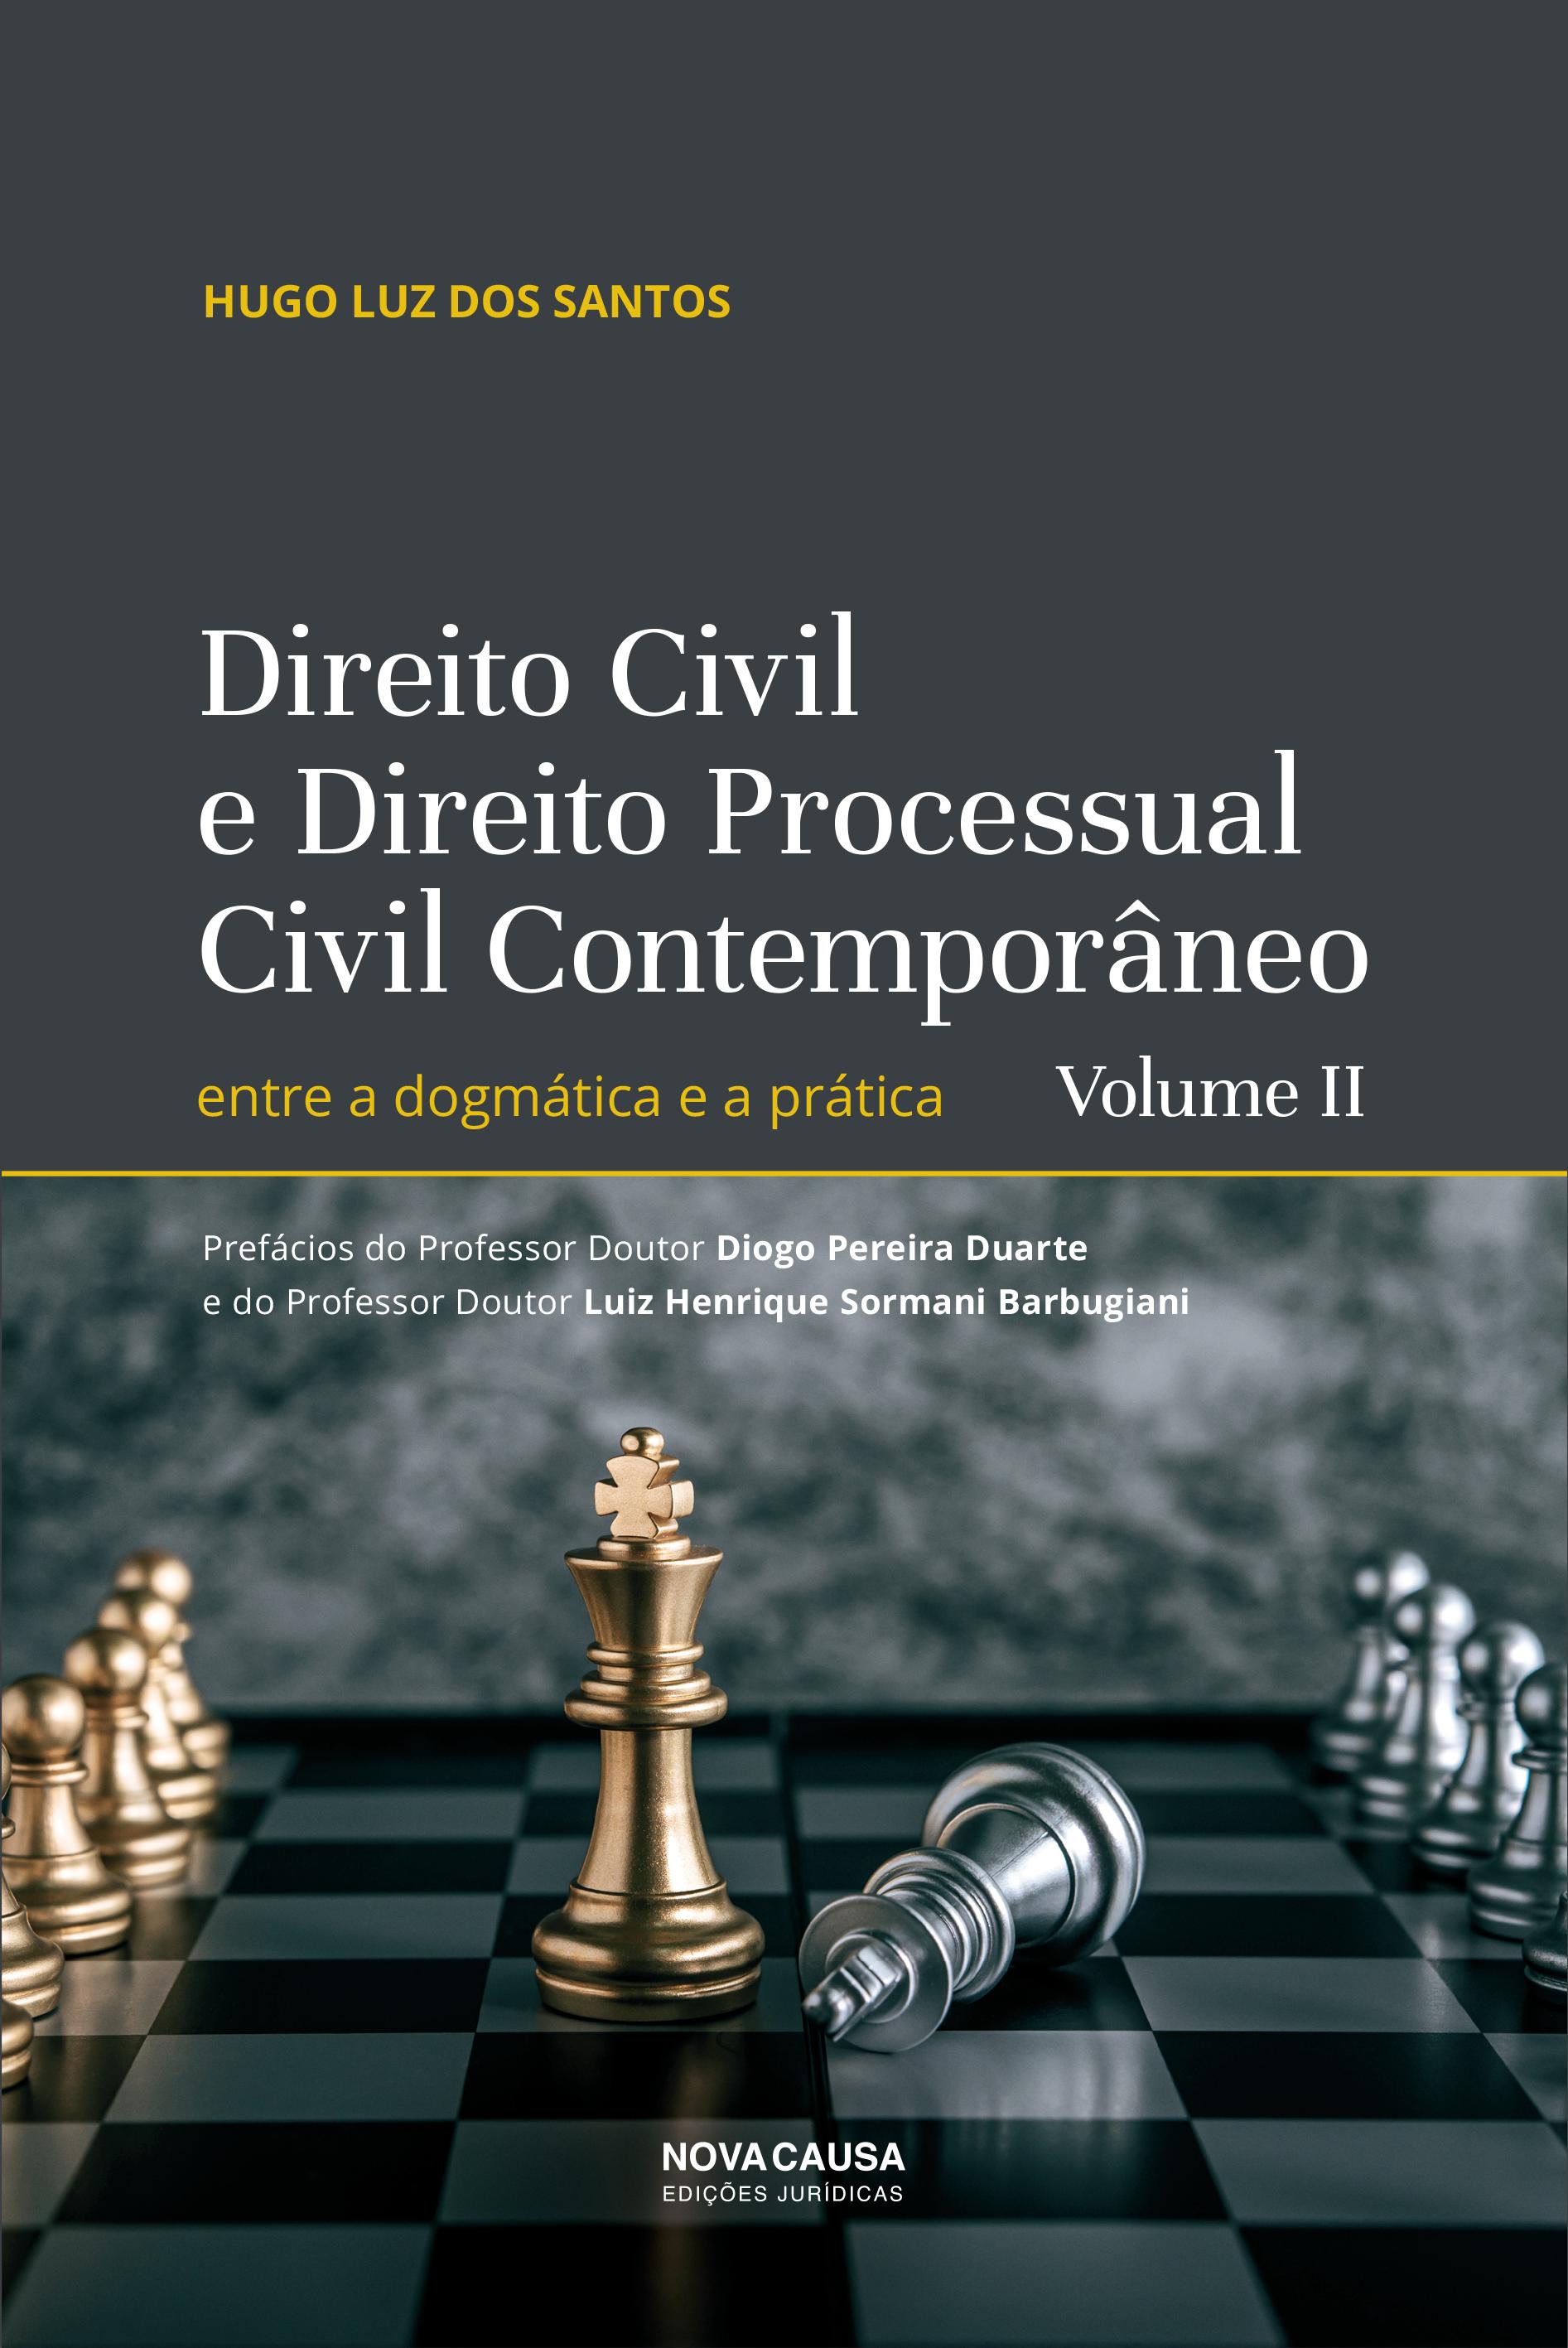 Direito Civil e Direito Processual Civil Contemporâneo - Volume II